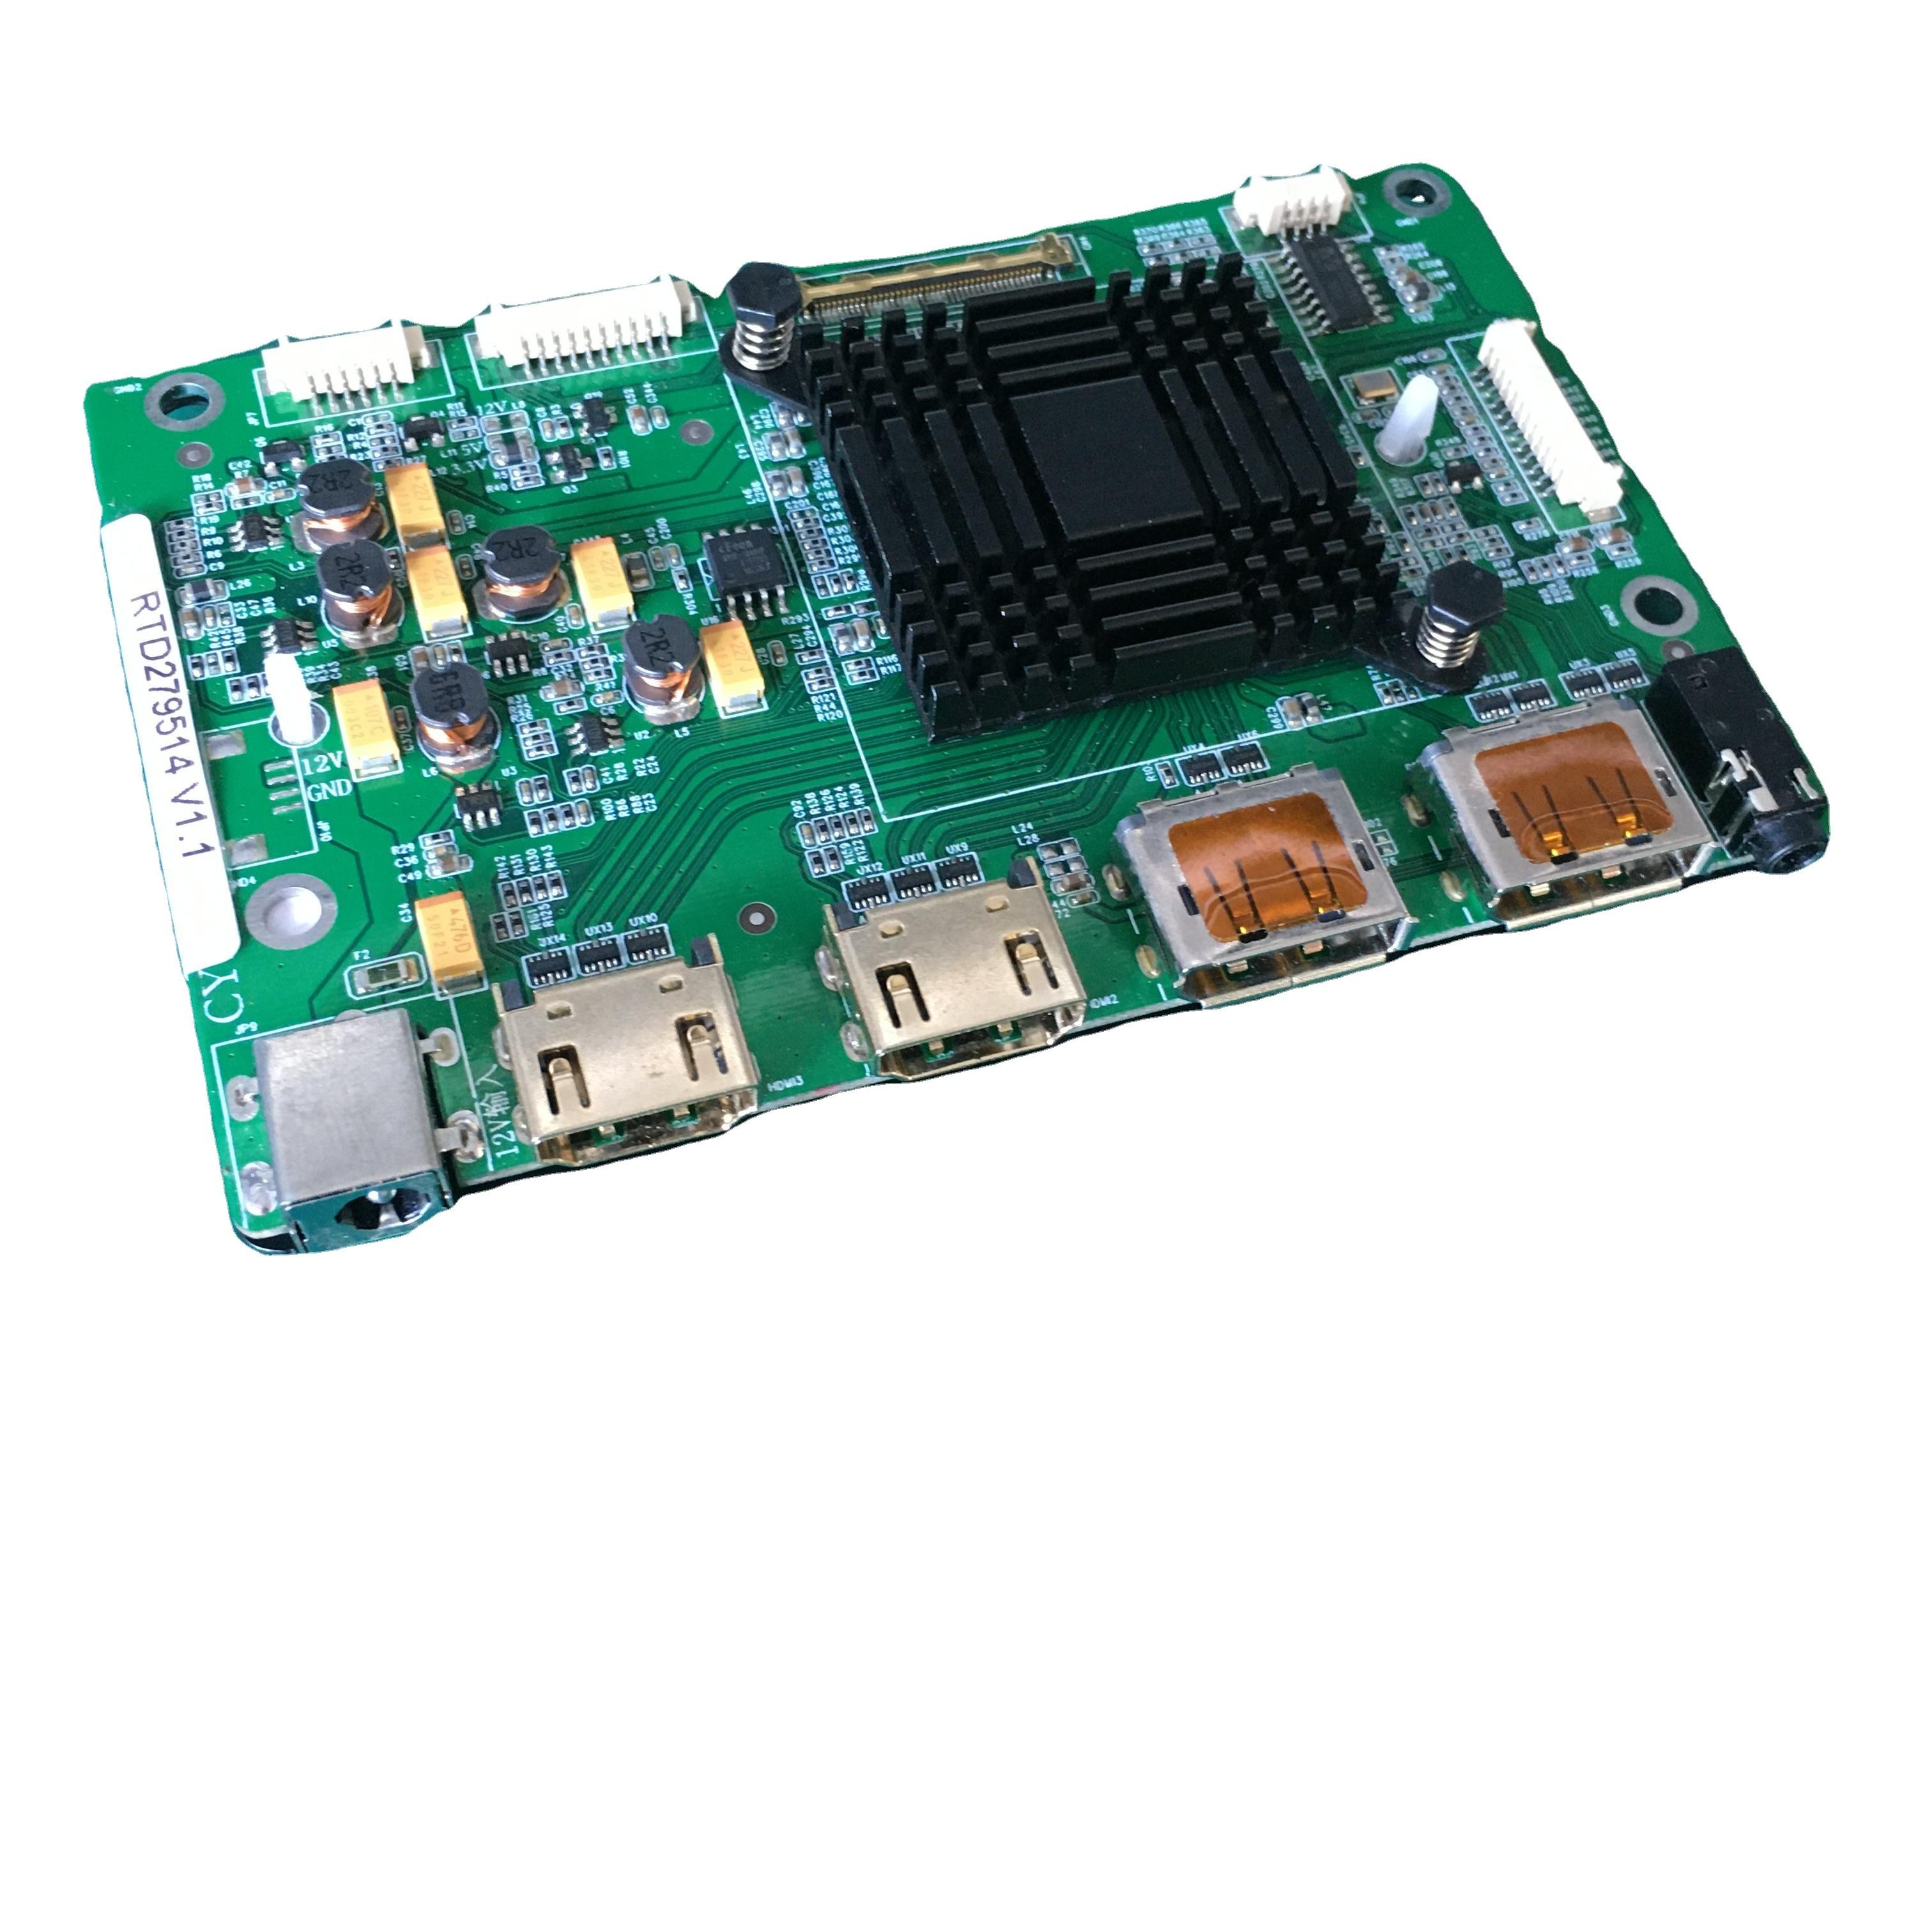 9514 4K HDR10 LCD Driver Board Support NV156QUM-N32 LQ156D1JX01B 4 Lane eDP 40pin 3.3V 4k LCD Panel